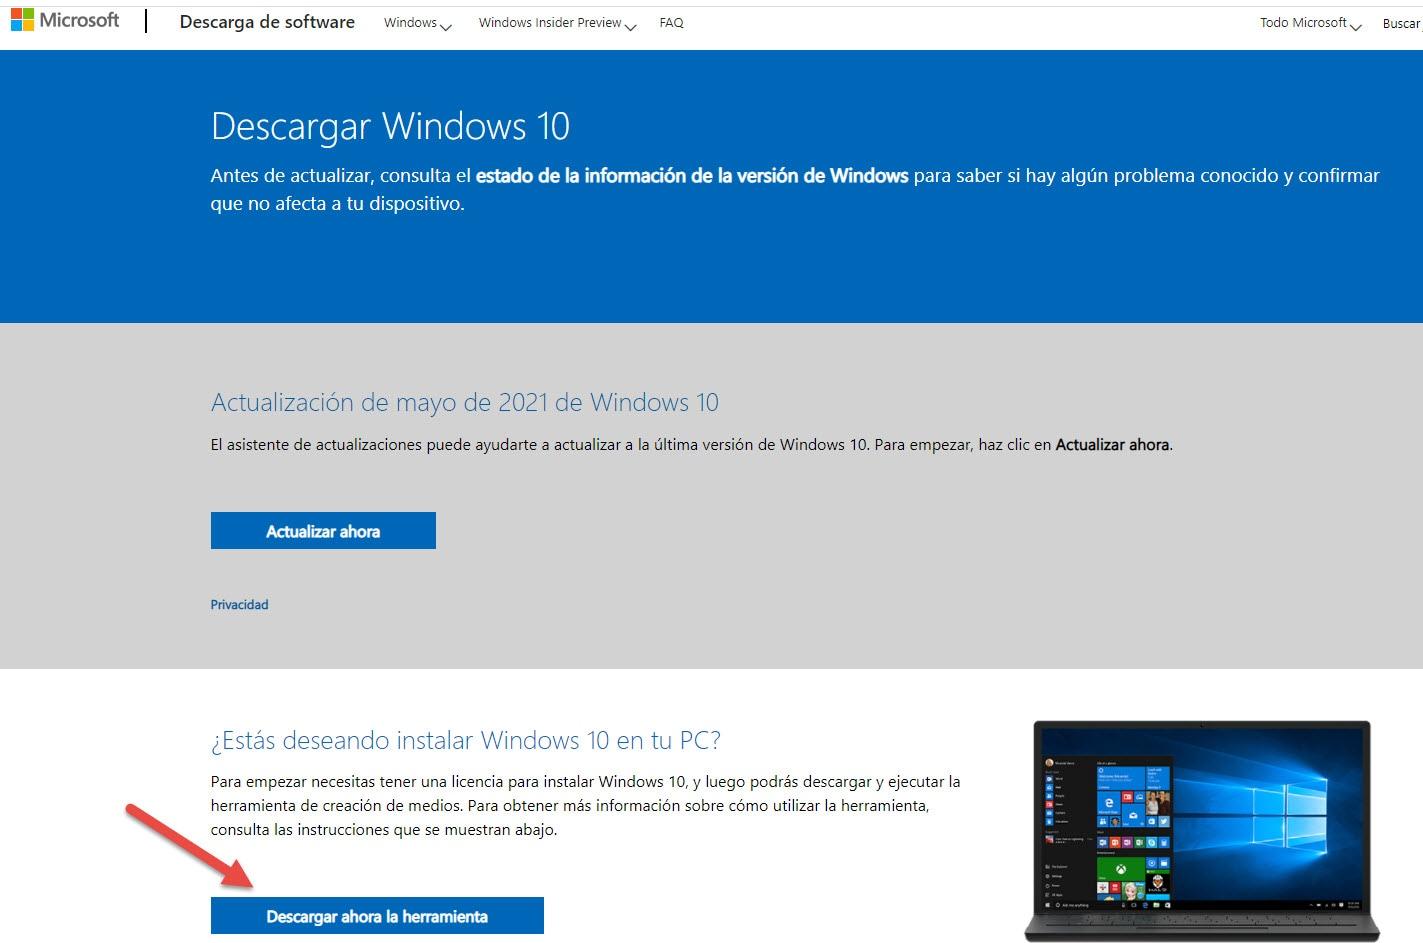 descargar la herramienta de windows 10